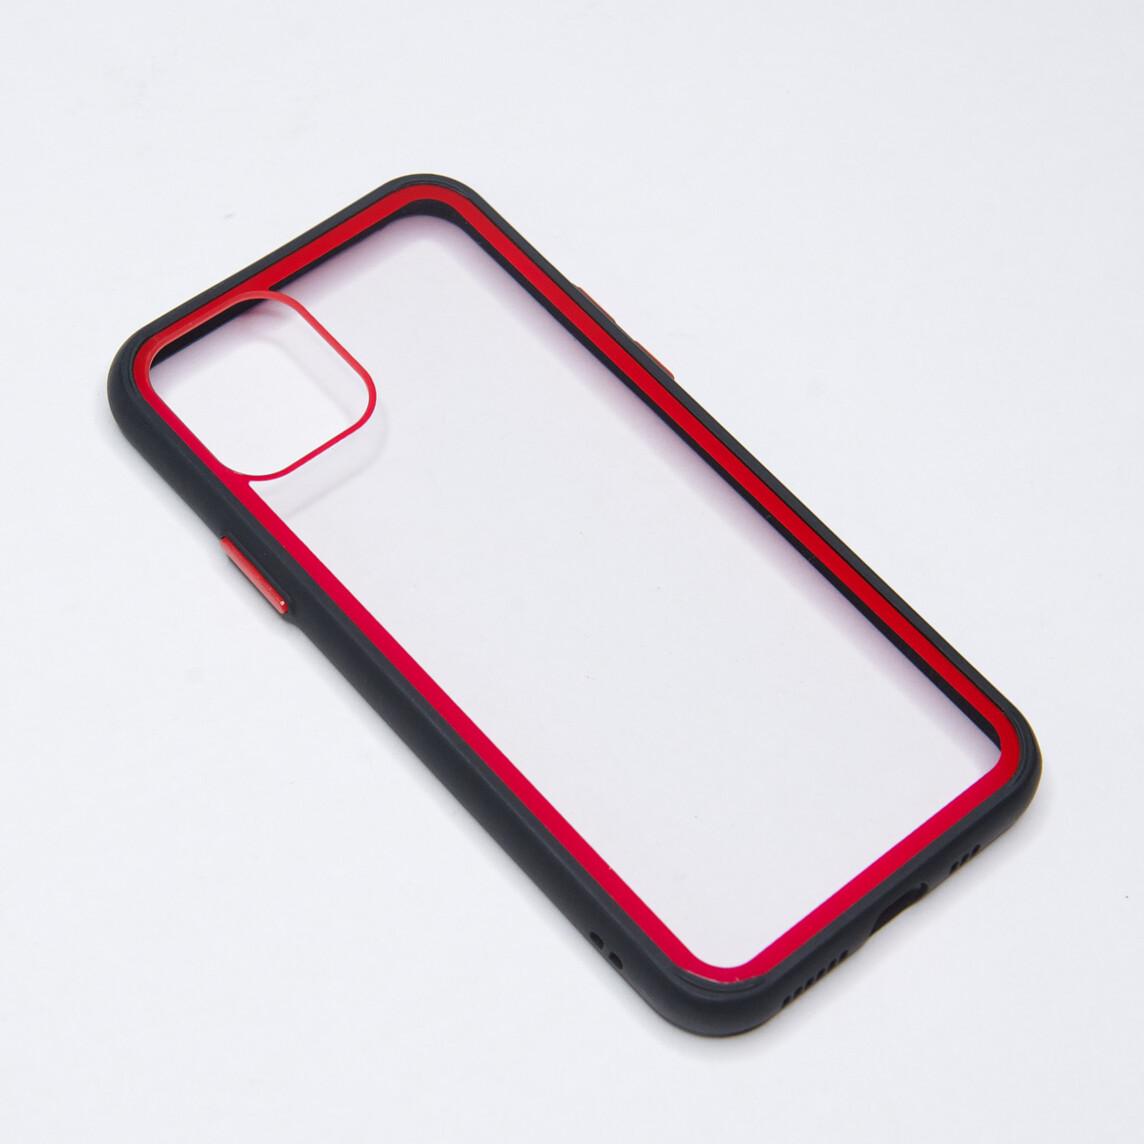 Estuche EL REY Marco De Color Negro Y Parte De Atras Transparente - Iphone 11 Pro Max